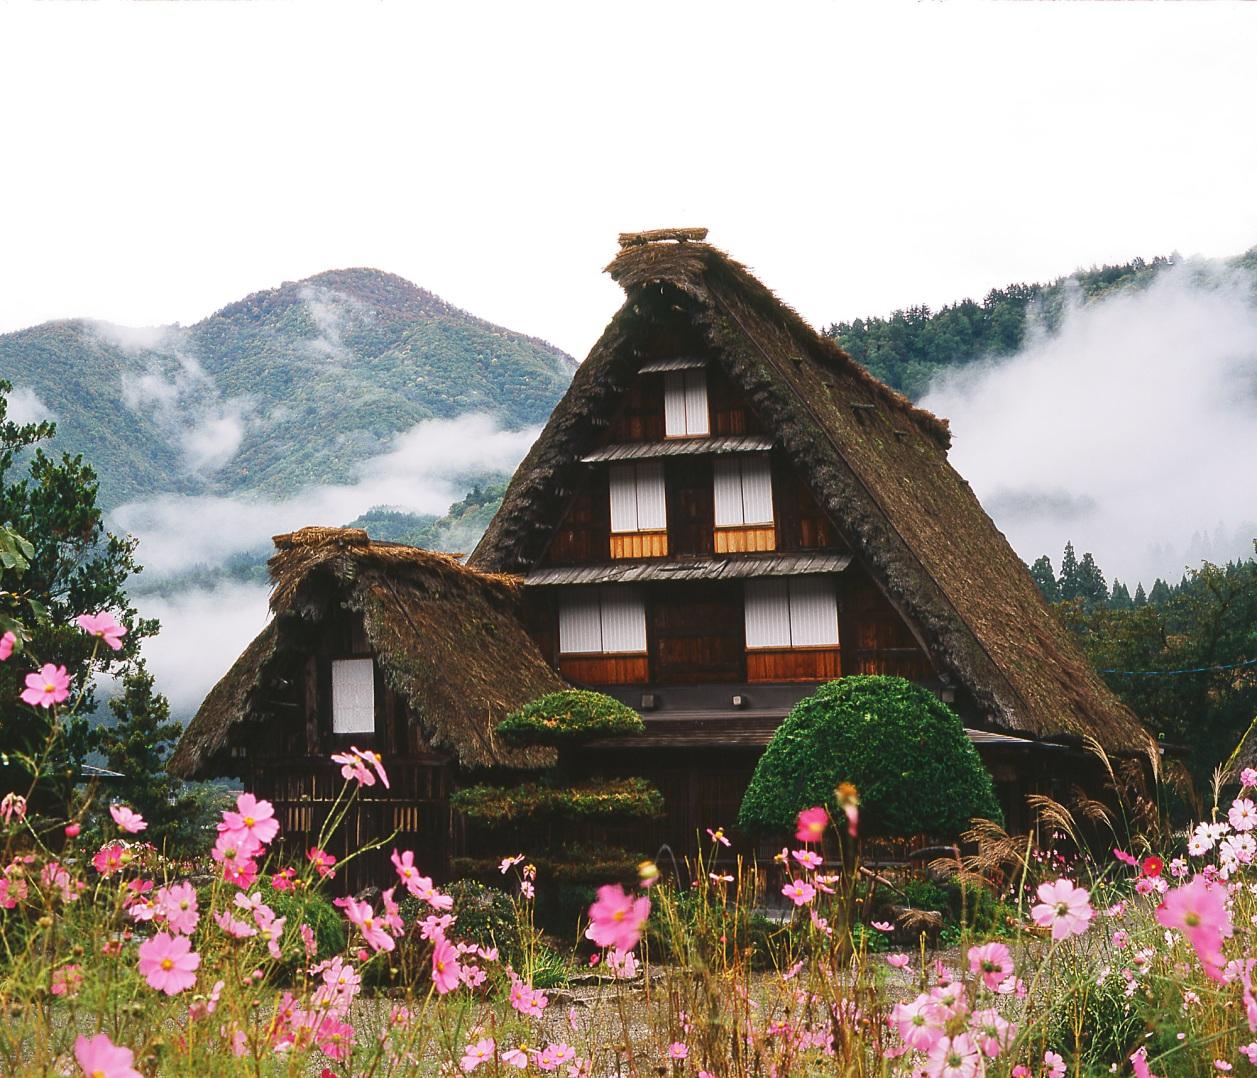 ทัวร์ญี่ปุ่น,เที่ยวญี่ปุ่น,ญี่ปุ่น,ทัวร์,กรุ๊ปทัวร์,แพ็คเกจทัวร์,โรงแรม,ล่าม,มัคคุเทศก์,ตั๋วเครื่องบิน,การท่องเที่ยว,TourJapan,Tour,Travel Korea,Travel Japan,Travel,Group Tour,Package Tour,Guide,Interpreter,Ticket